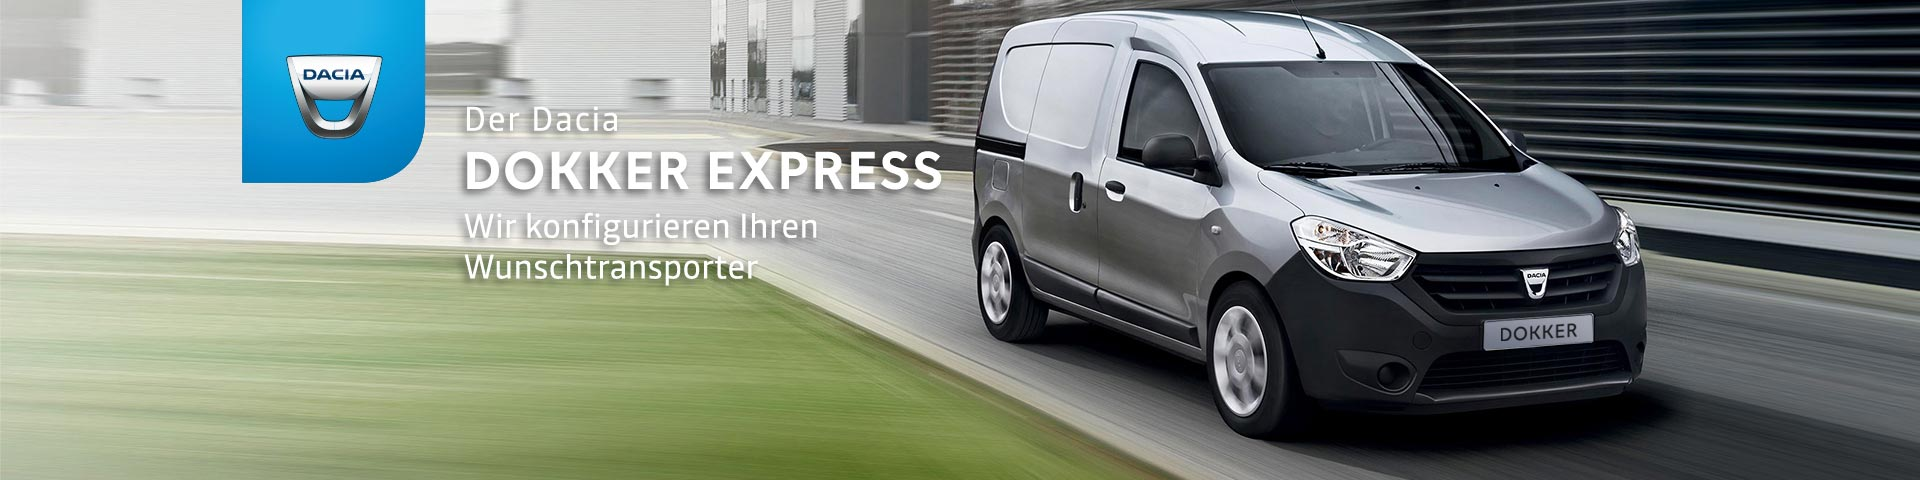 Der Dacia DOKKER Express